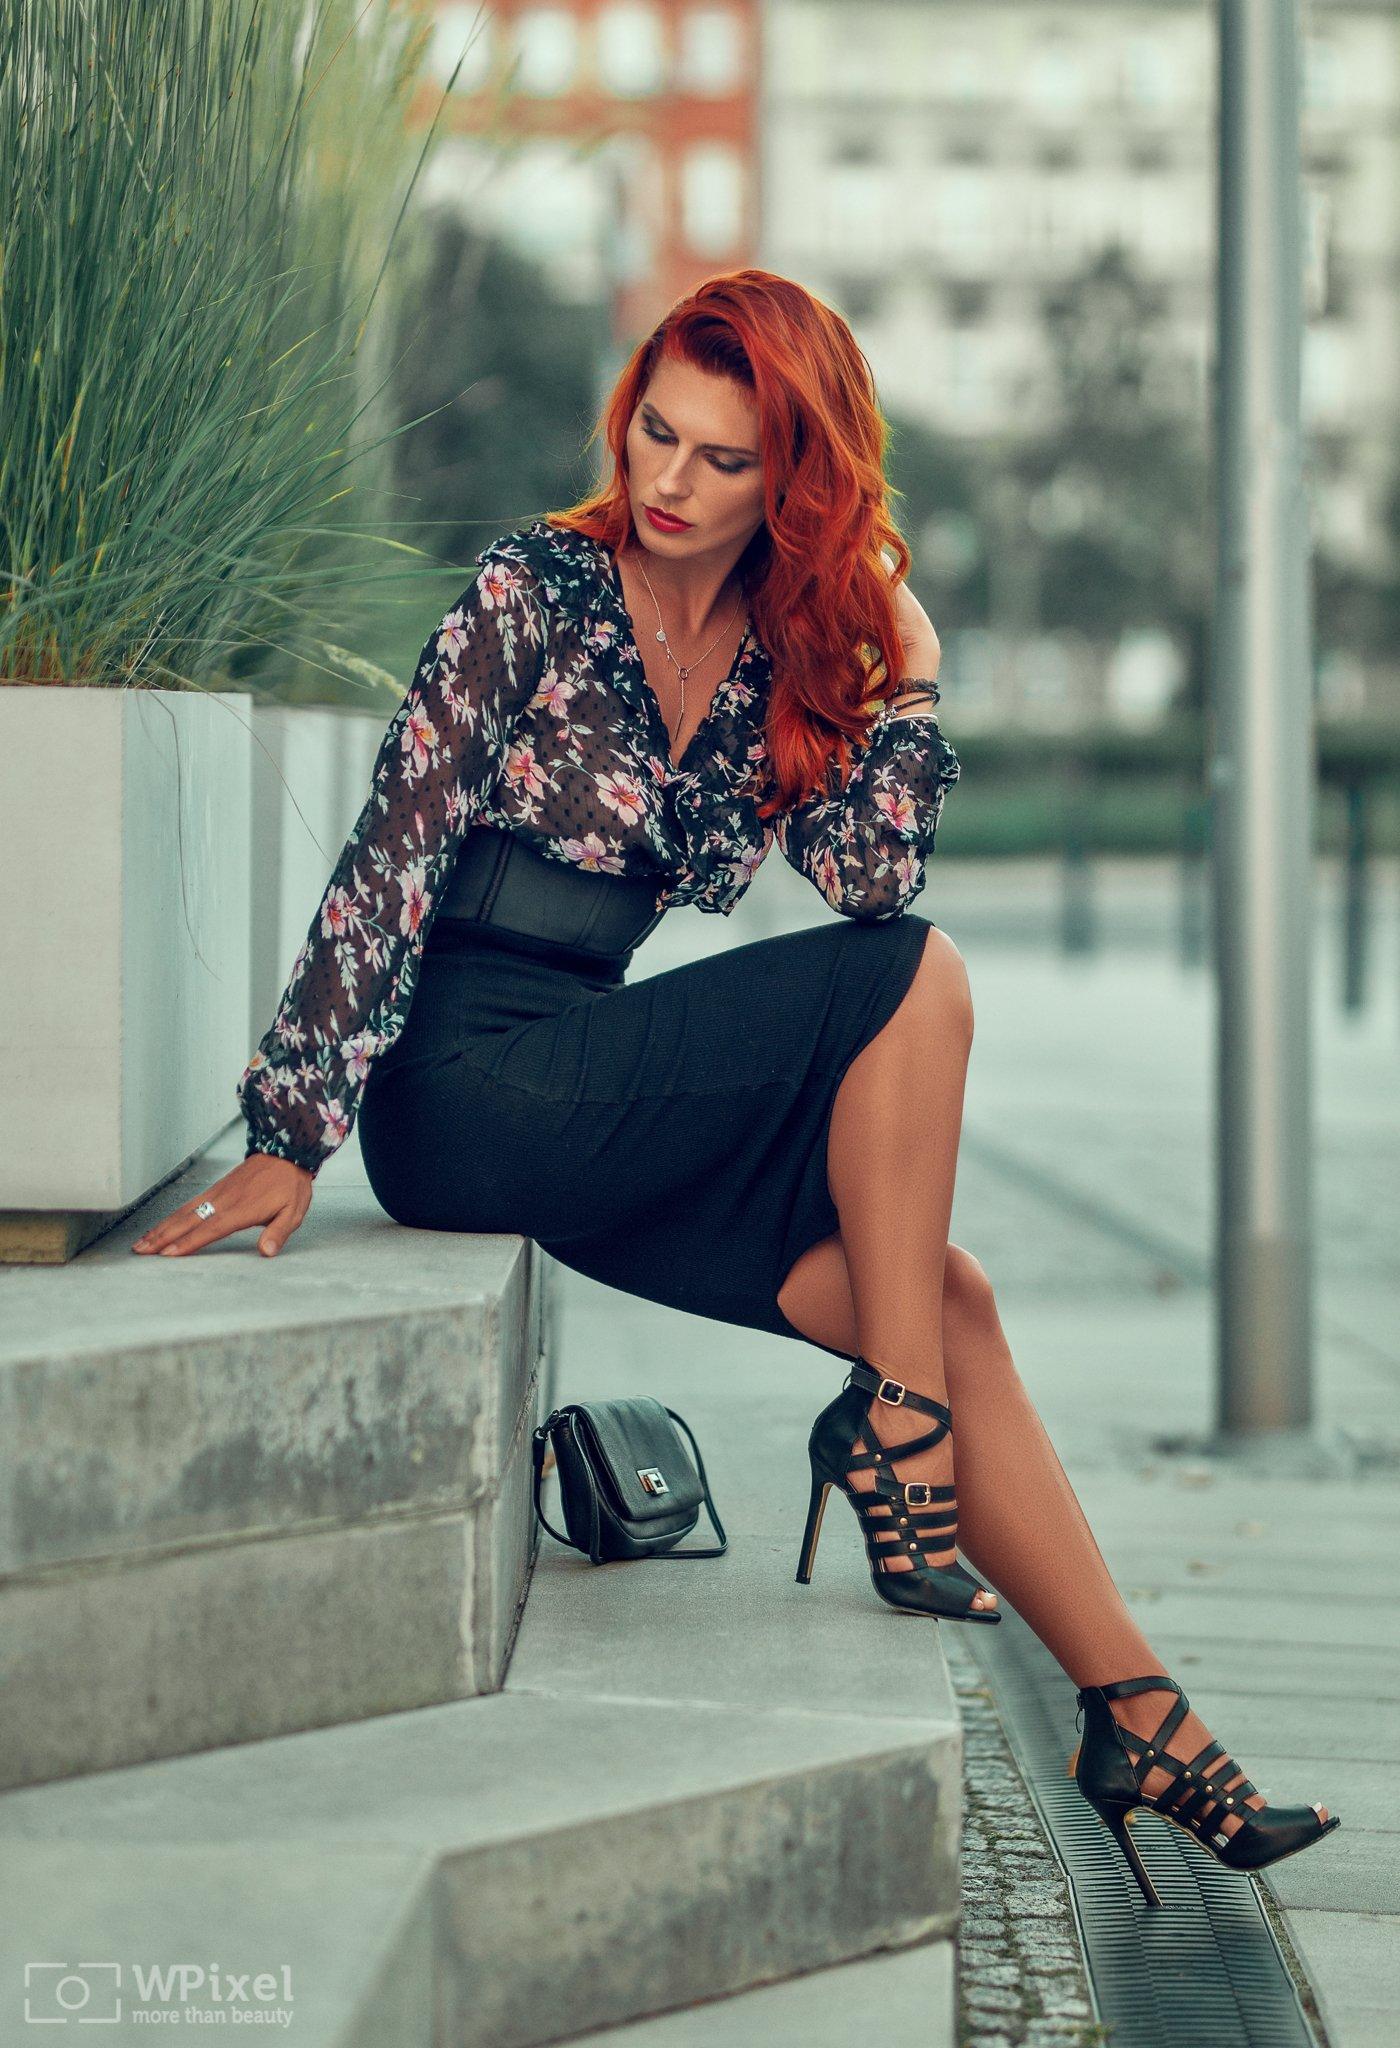 portrait women redhair sexy legs, Wojtek Polaczkiewicz